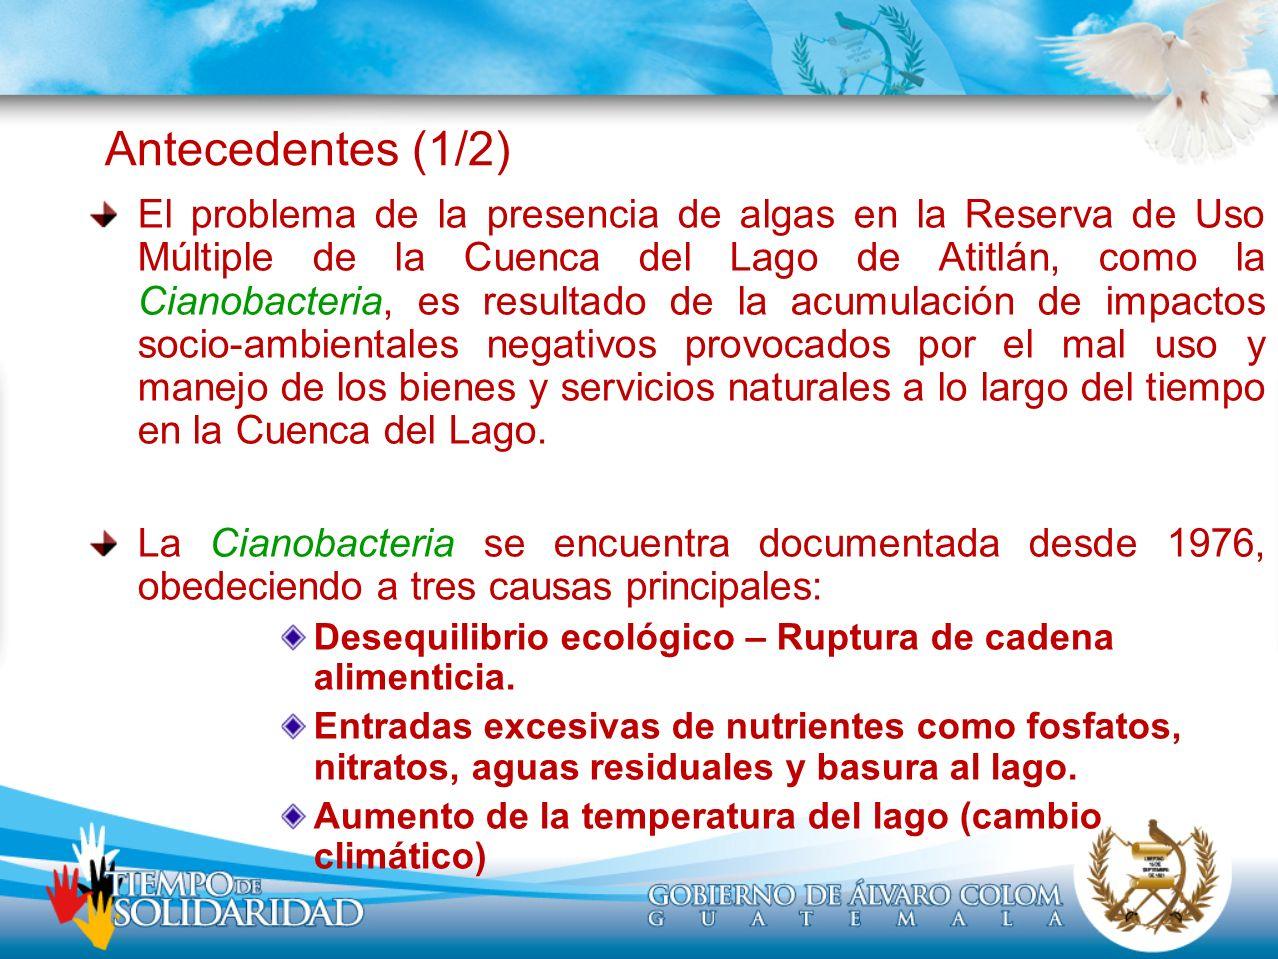 Antecedentes (1/2) El problema de la presencia de algas en la Reserva de Uso Múltiple de la Cuenca del Lago de Atitlán, como la Cianobacteria, es resu